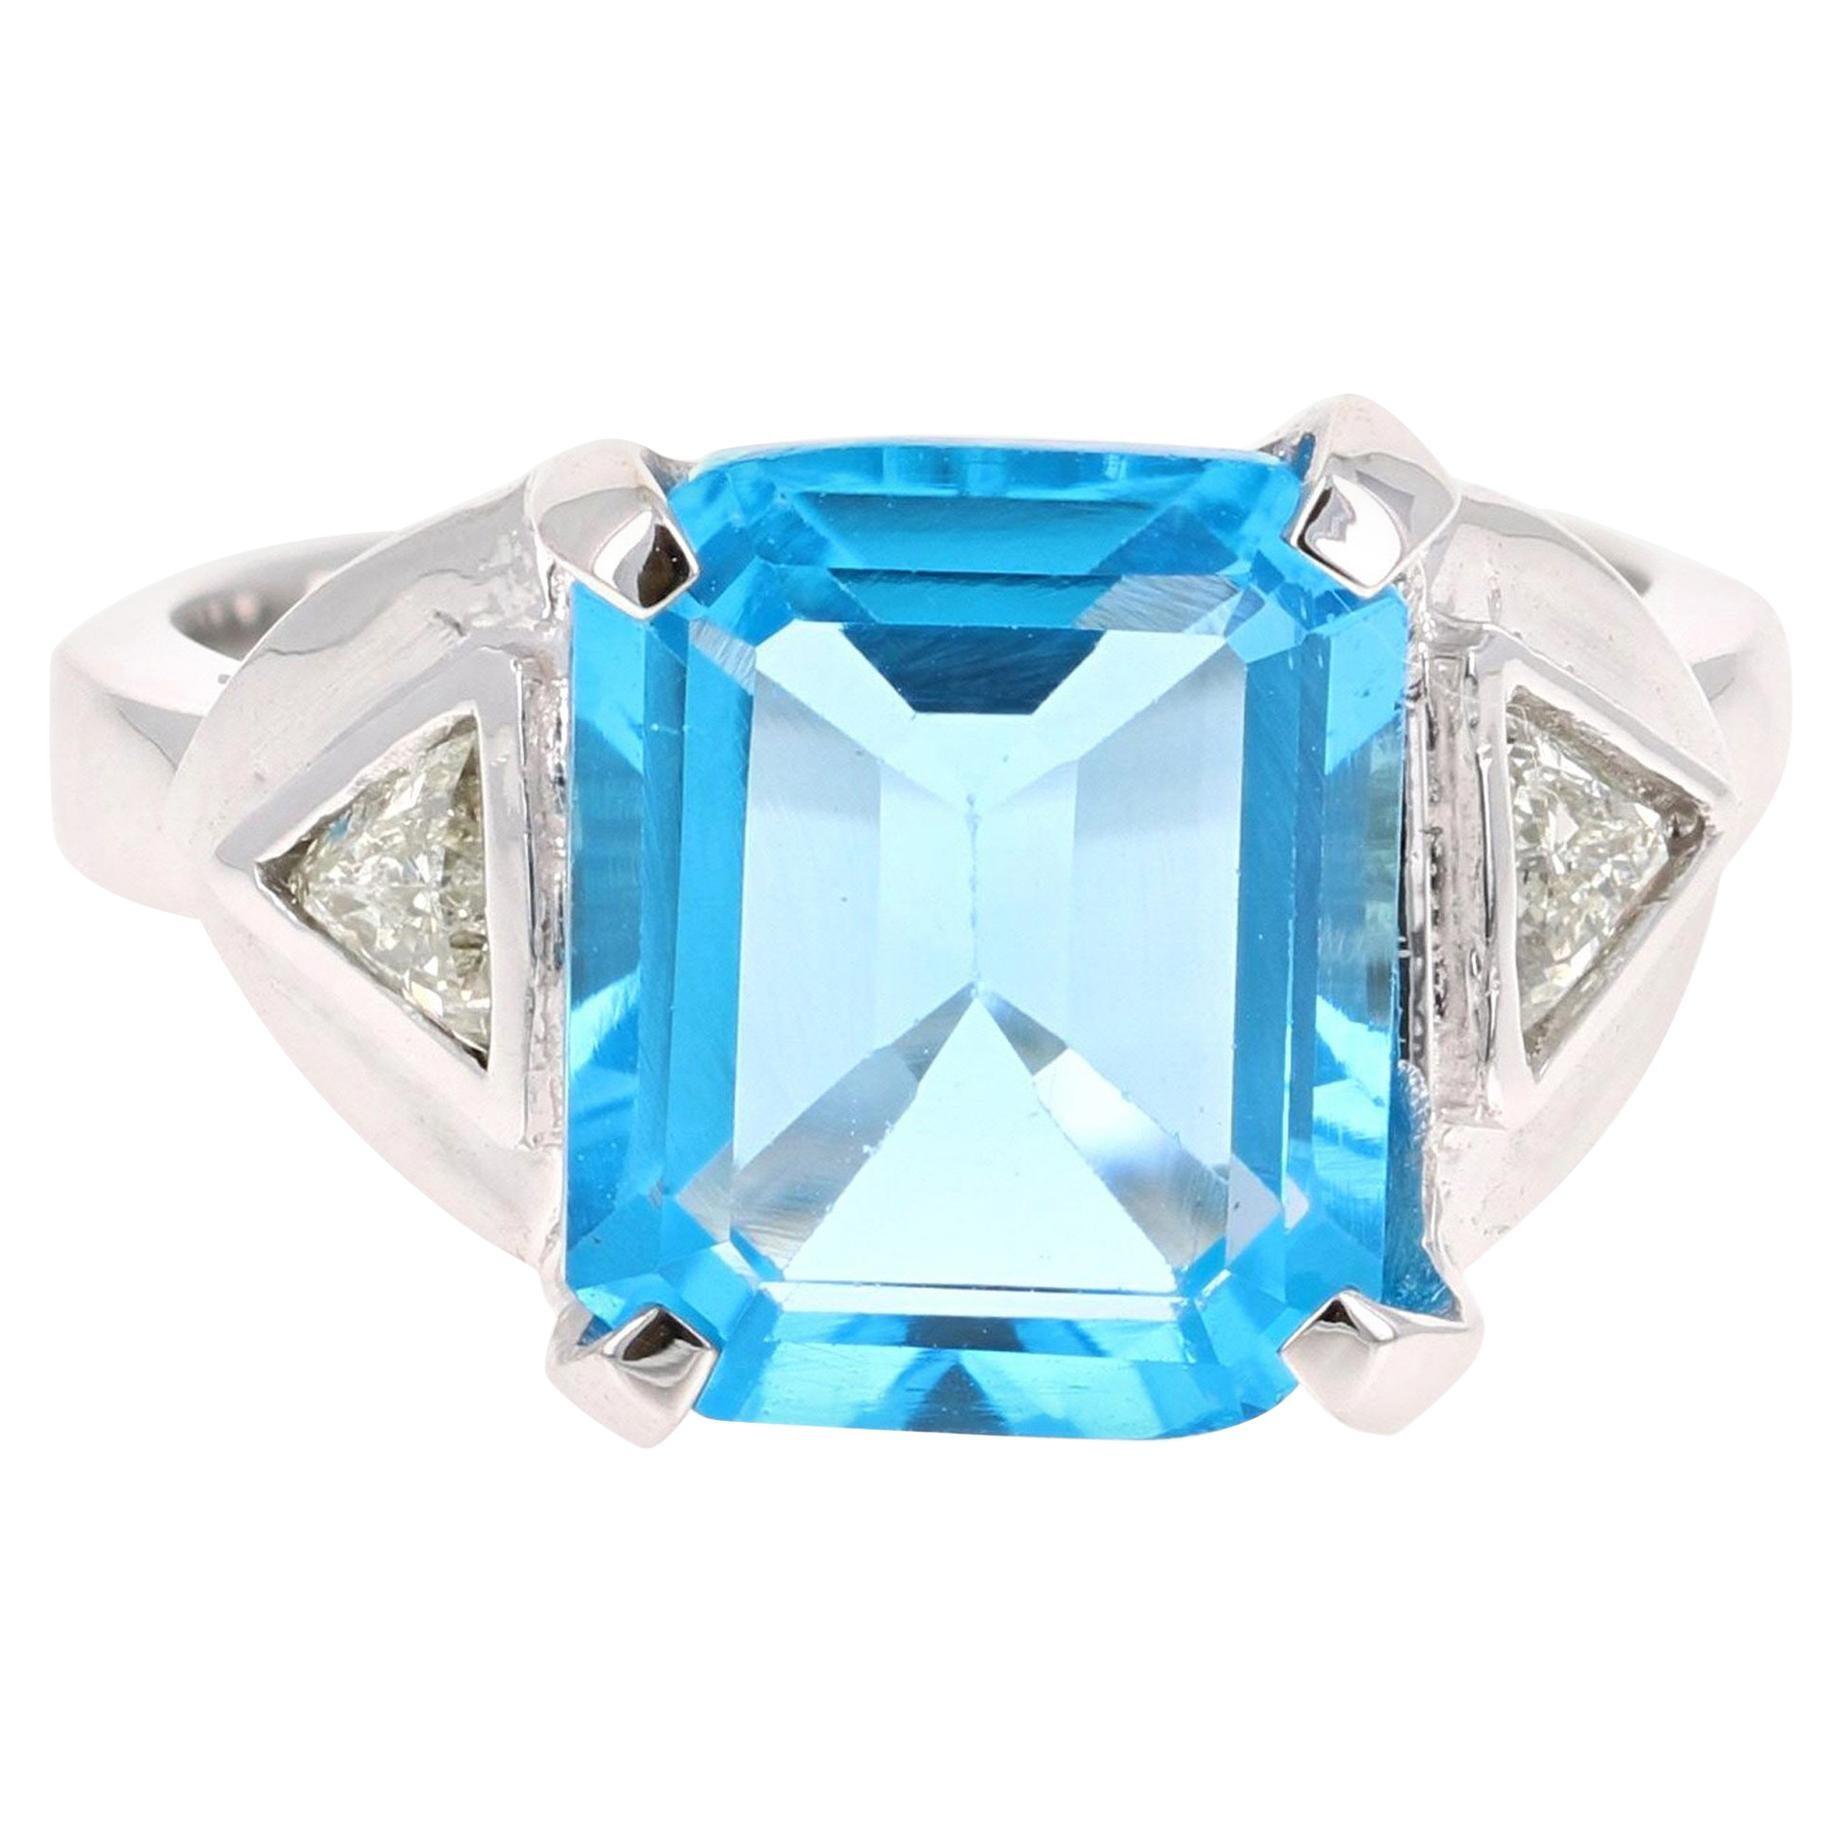 6.94 Carat Blue Topaz Diamond 14 Karat White Gold Ring